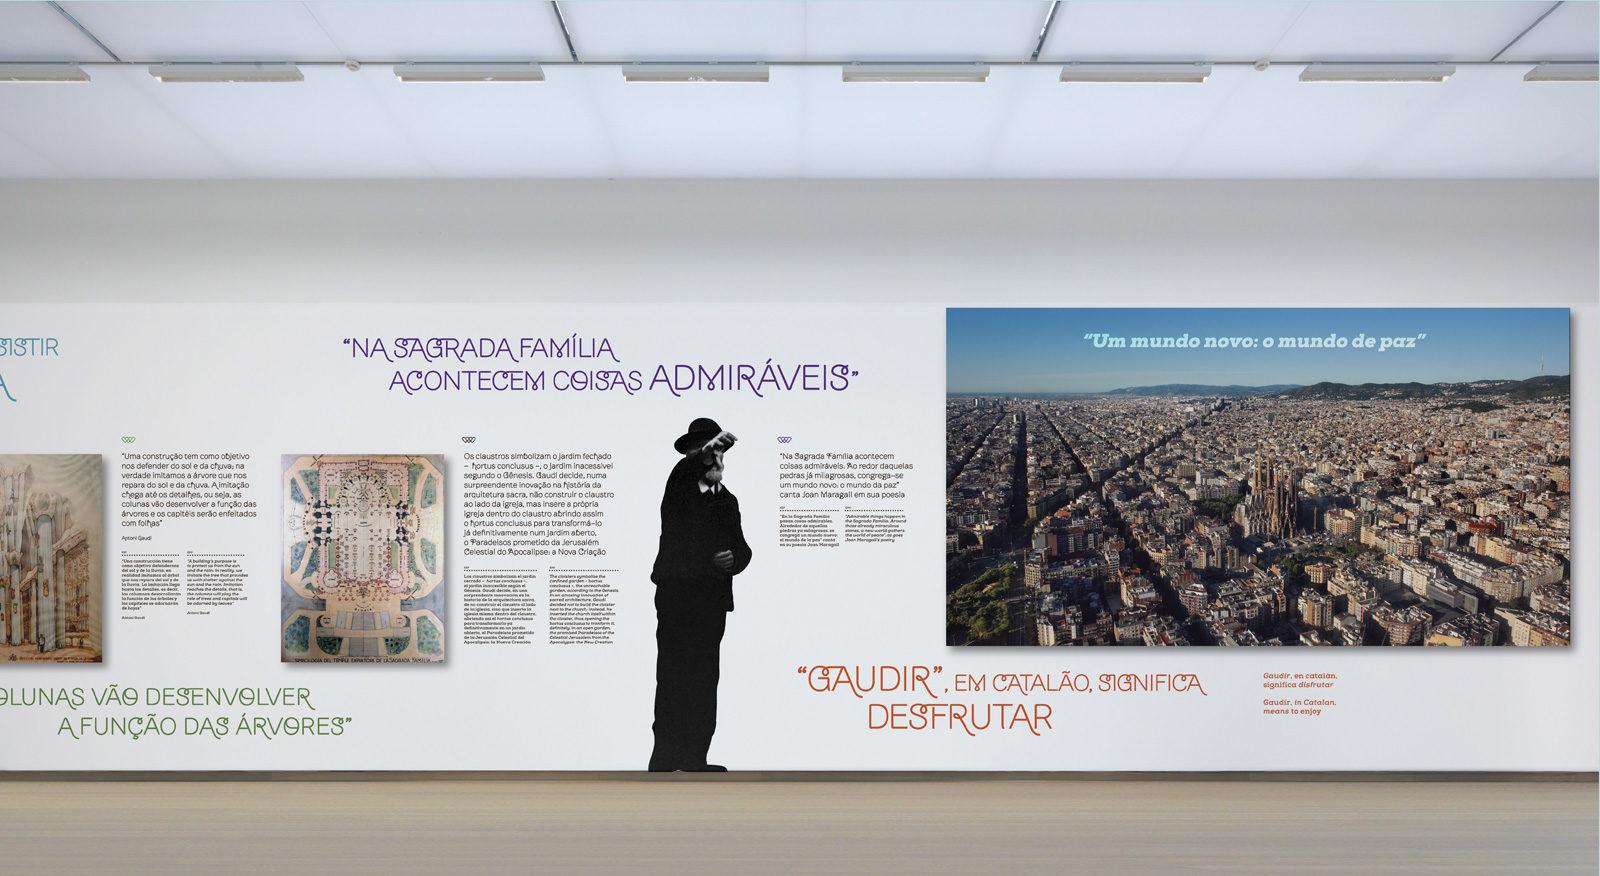 gaudi wall 'maravilha'